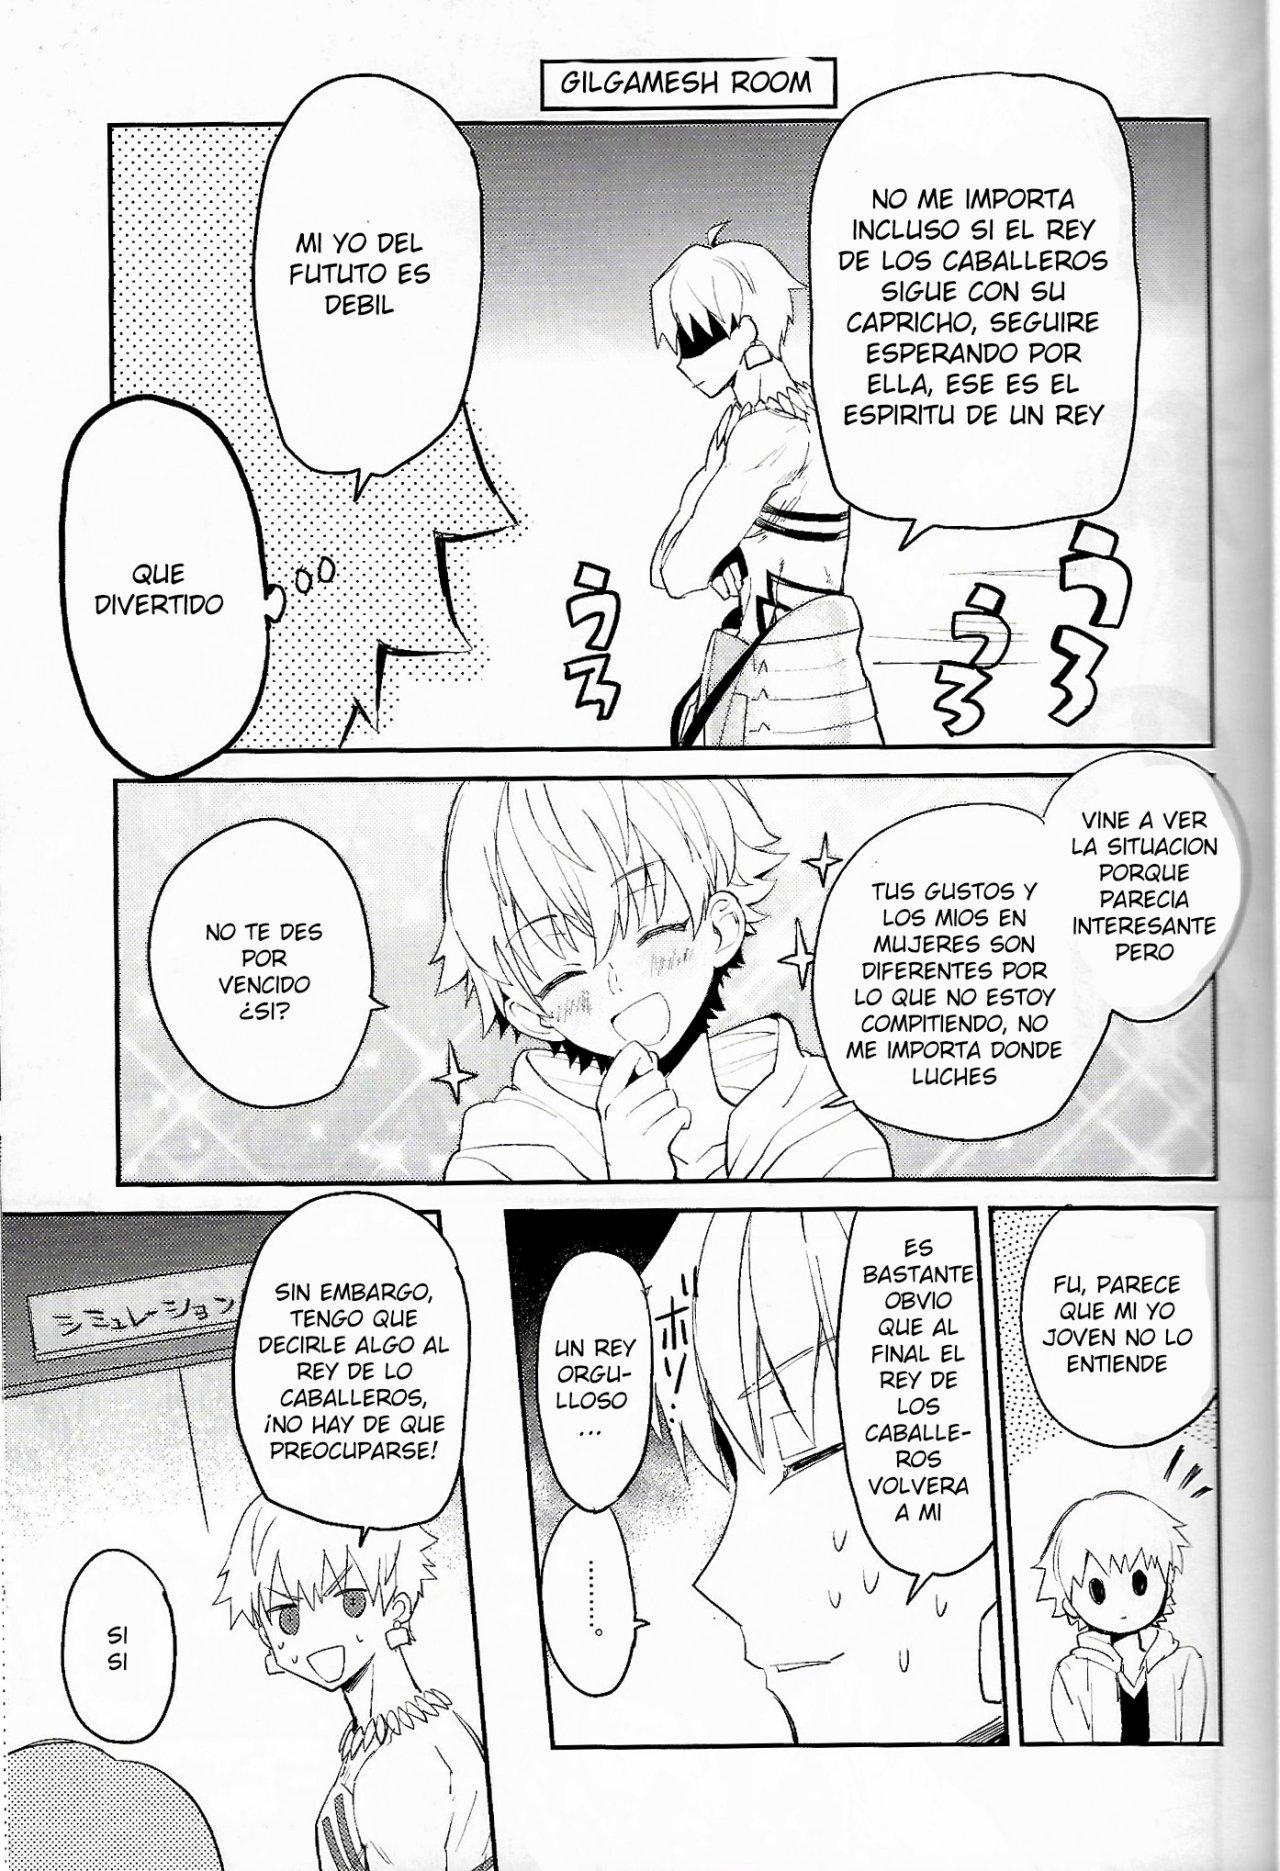 https://nine.mangadogs.com/es_manga/pic8/46/36654/946218/b252f54667cc1f7500118f44c7033171.jpg Page 11